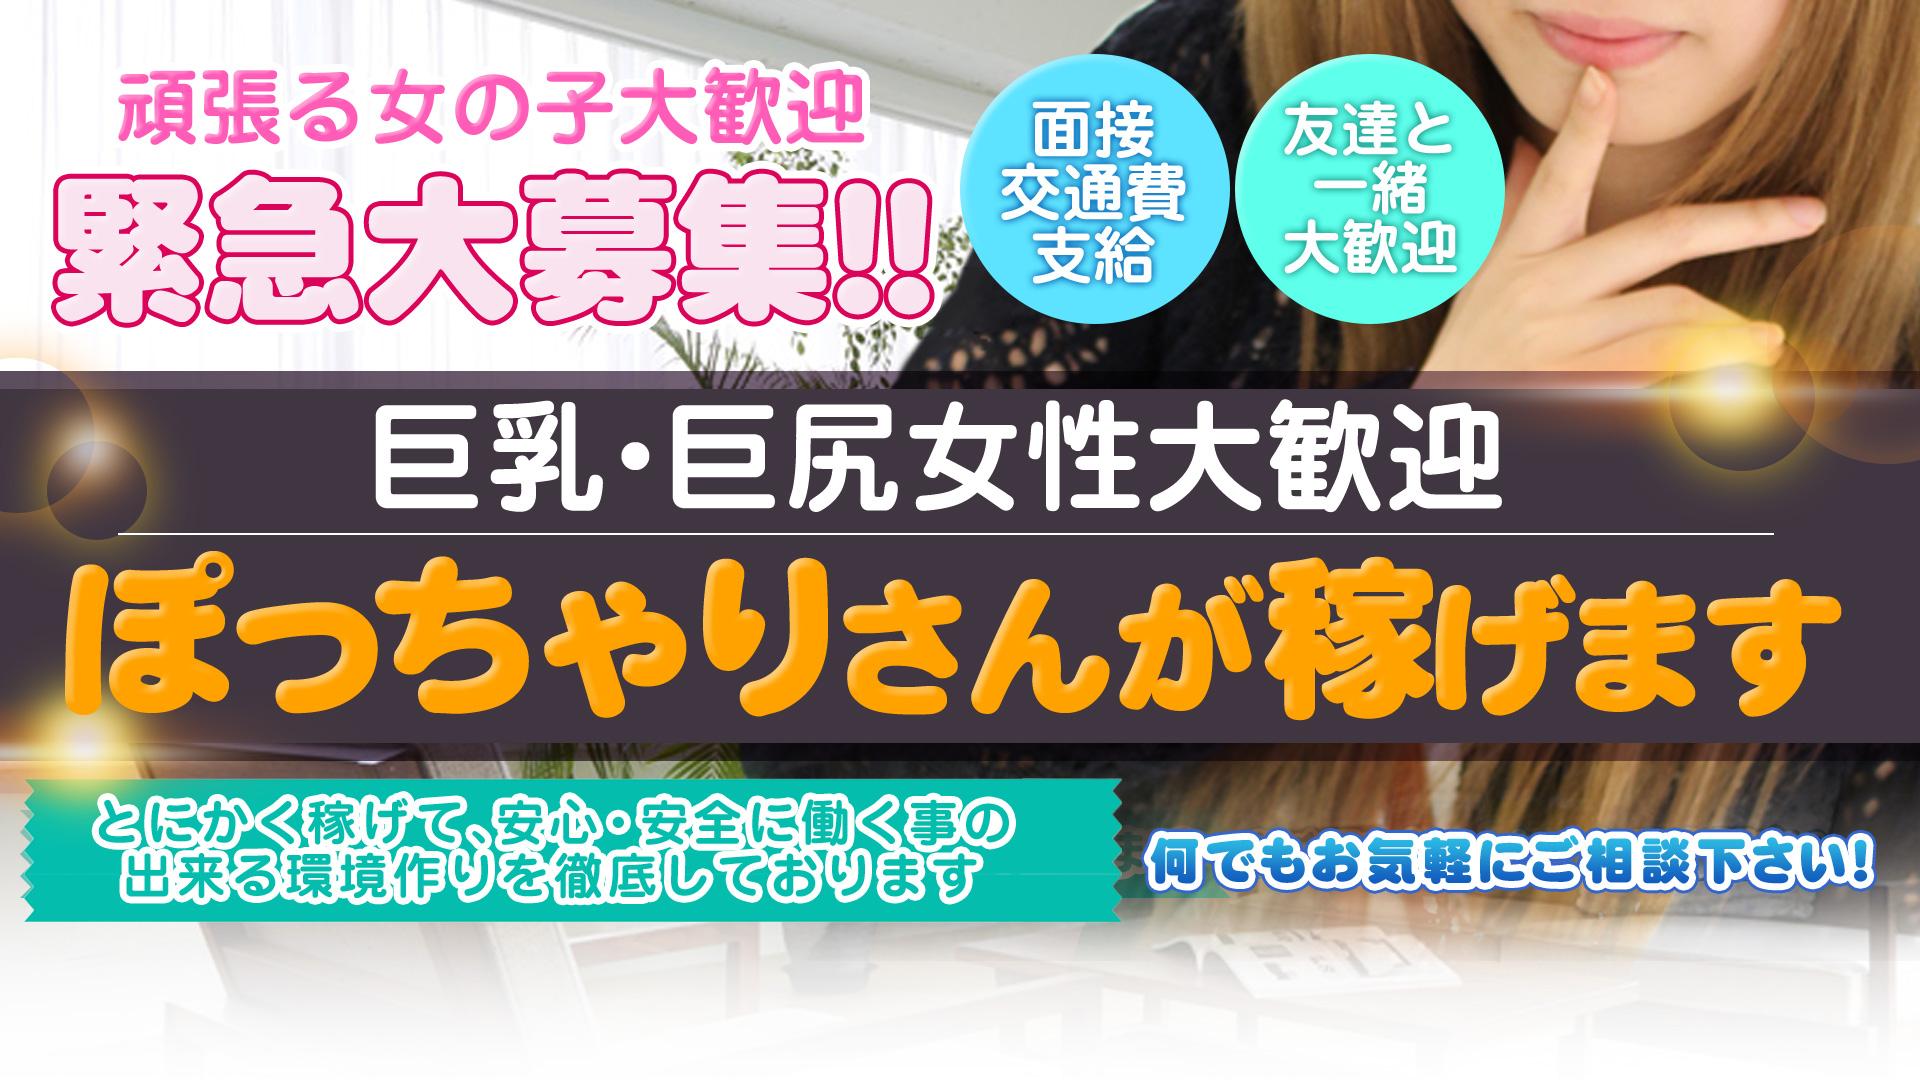 錦糸町ぽちゃカワ女子専門店!